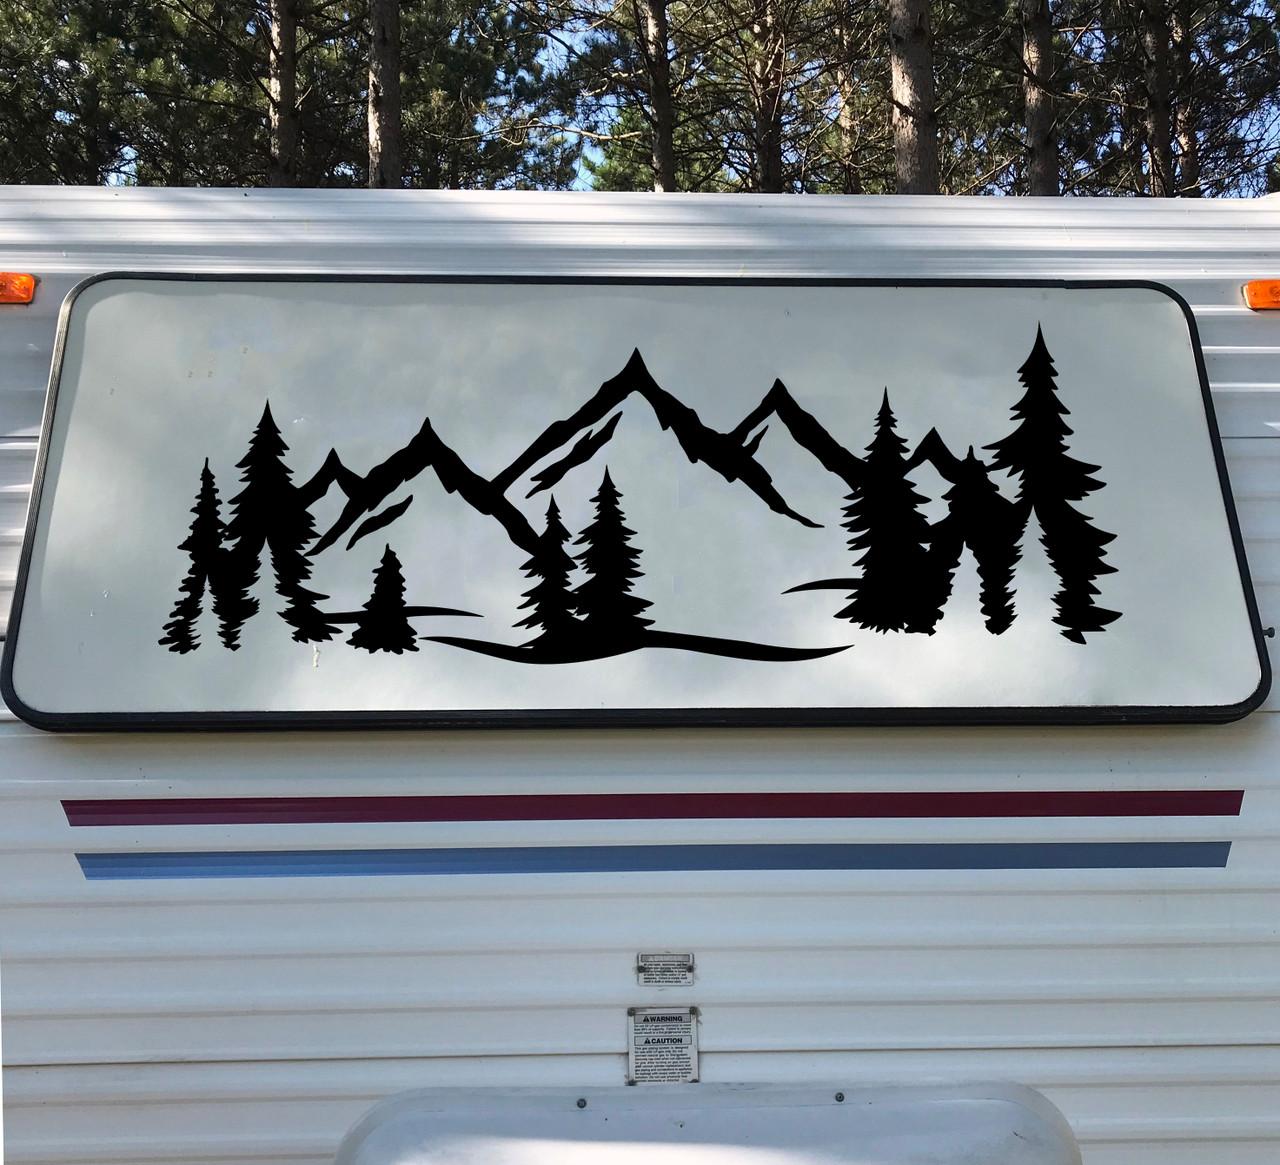 Mountain Forest Scene V9 - Camper RV Graphics Travel Trailer - Die Cut Sticker